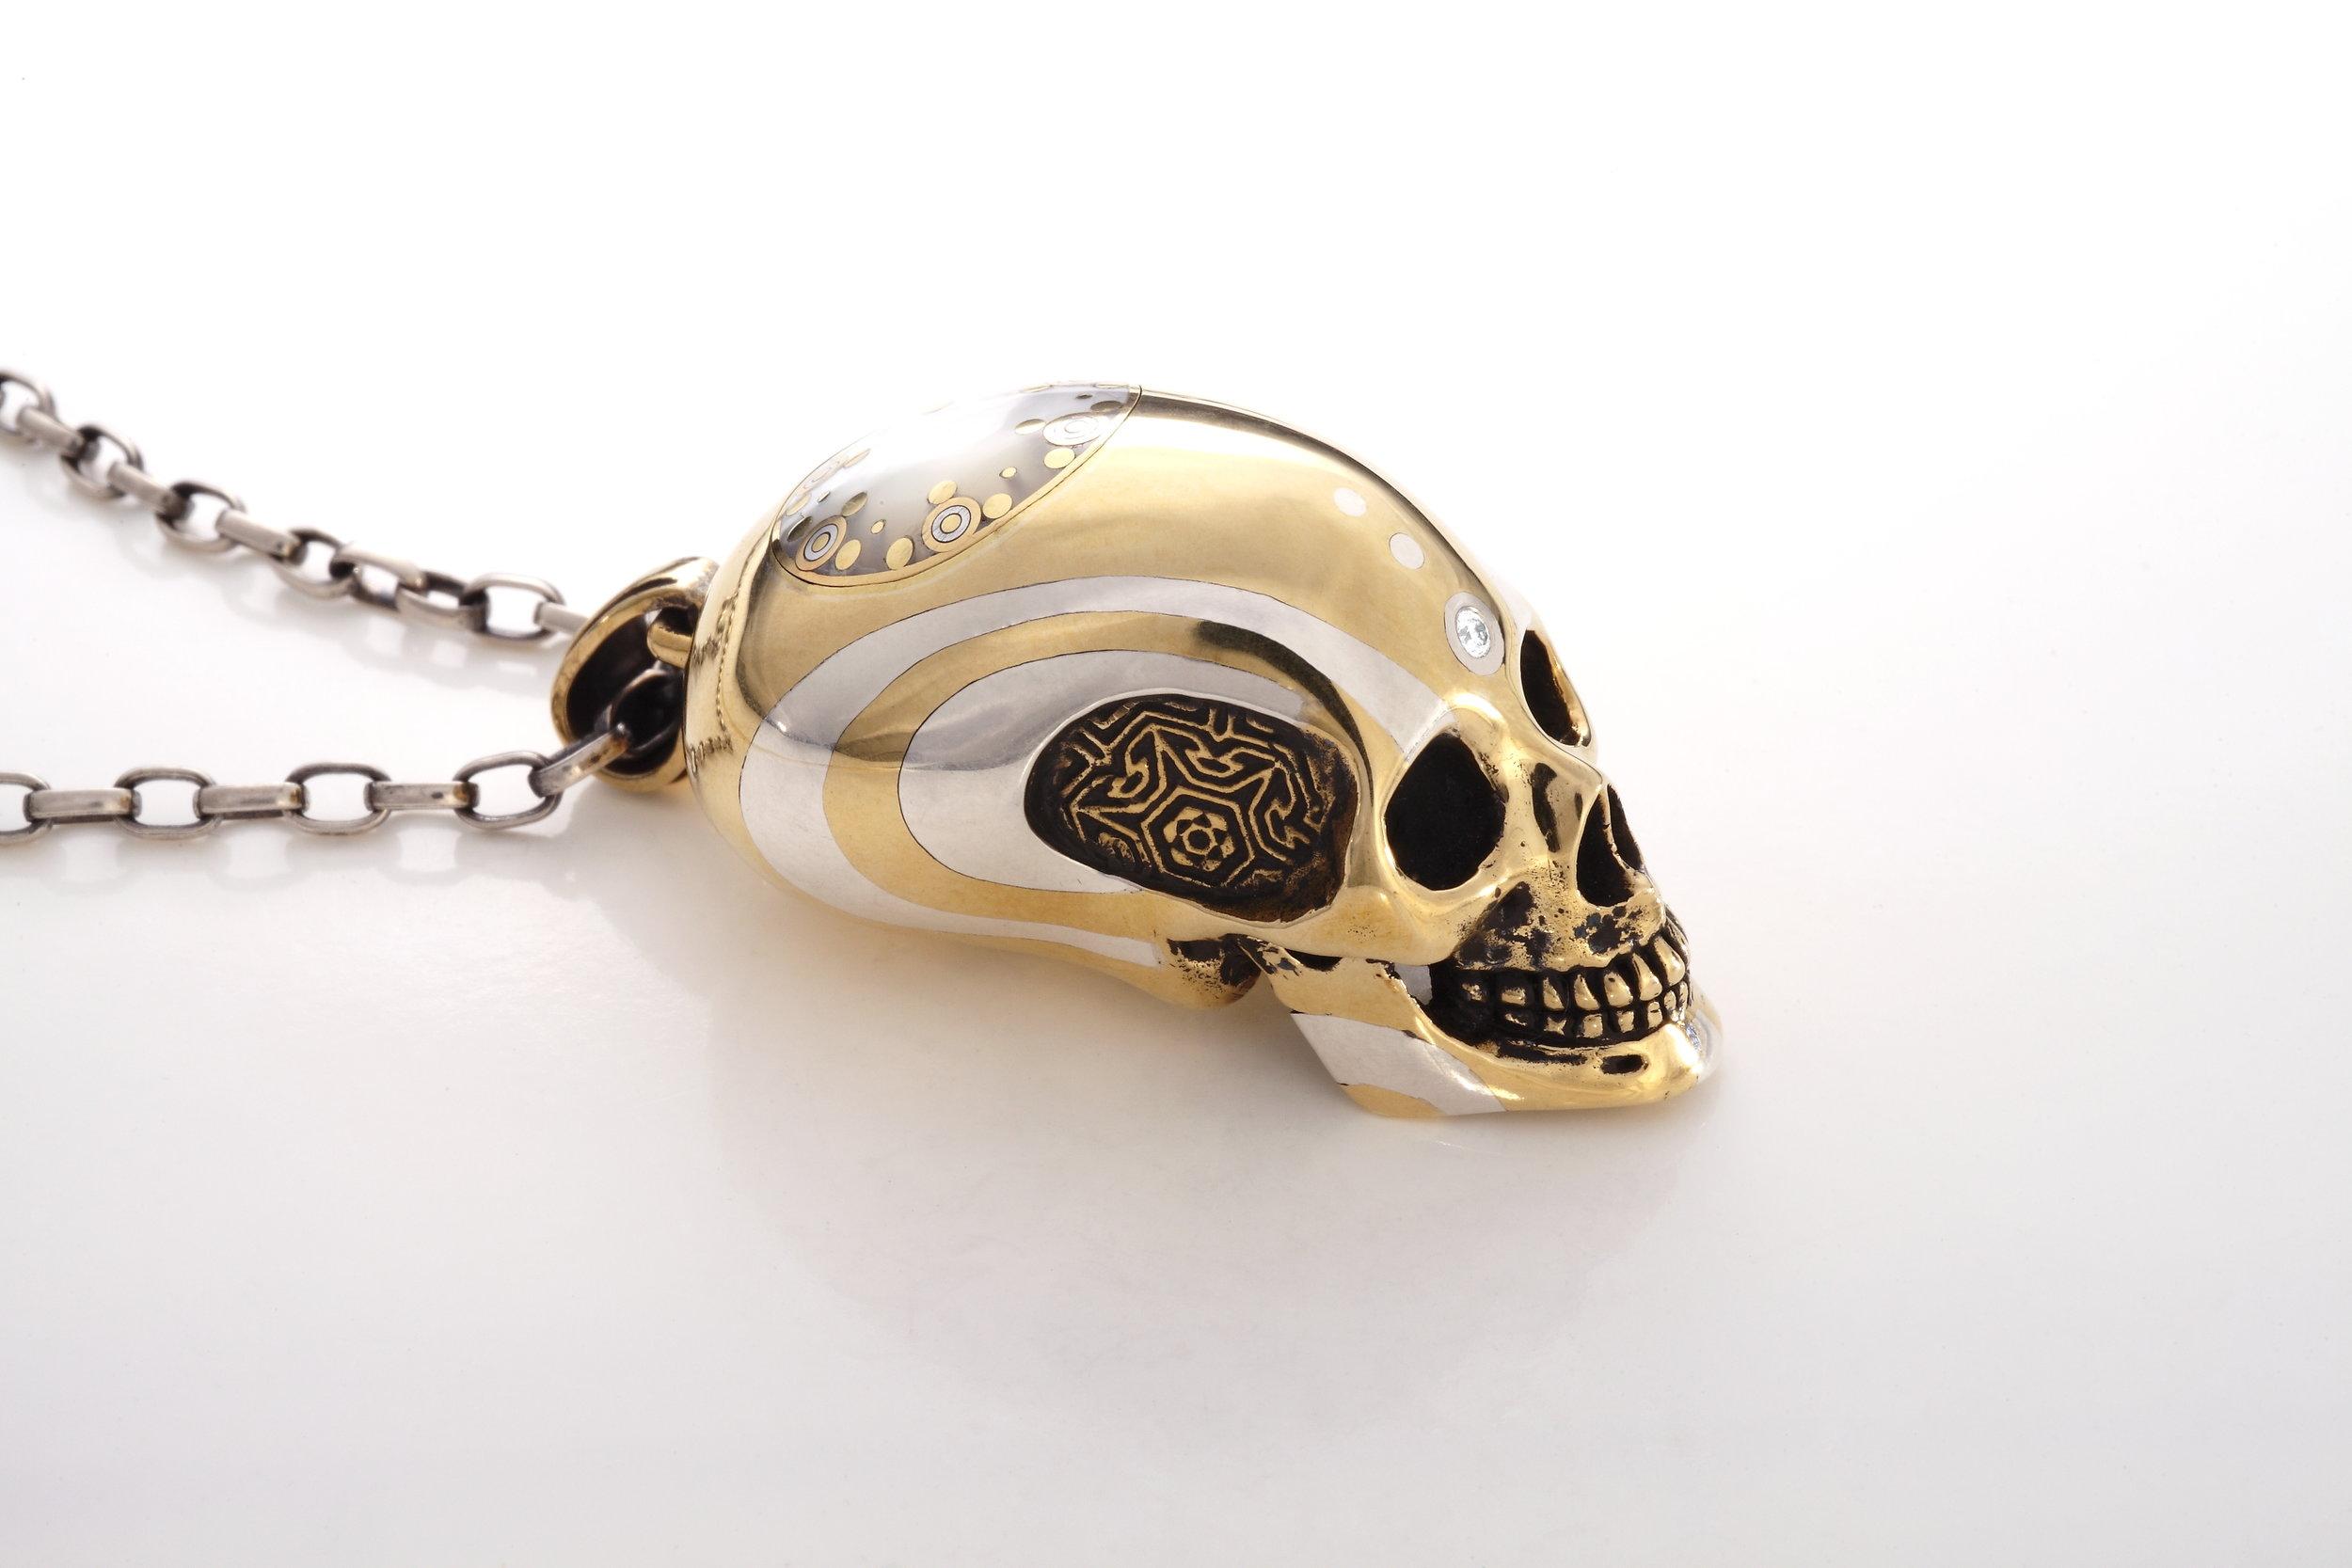 Amarna Brass Skull Rt 0108.JPG